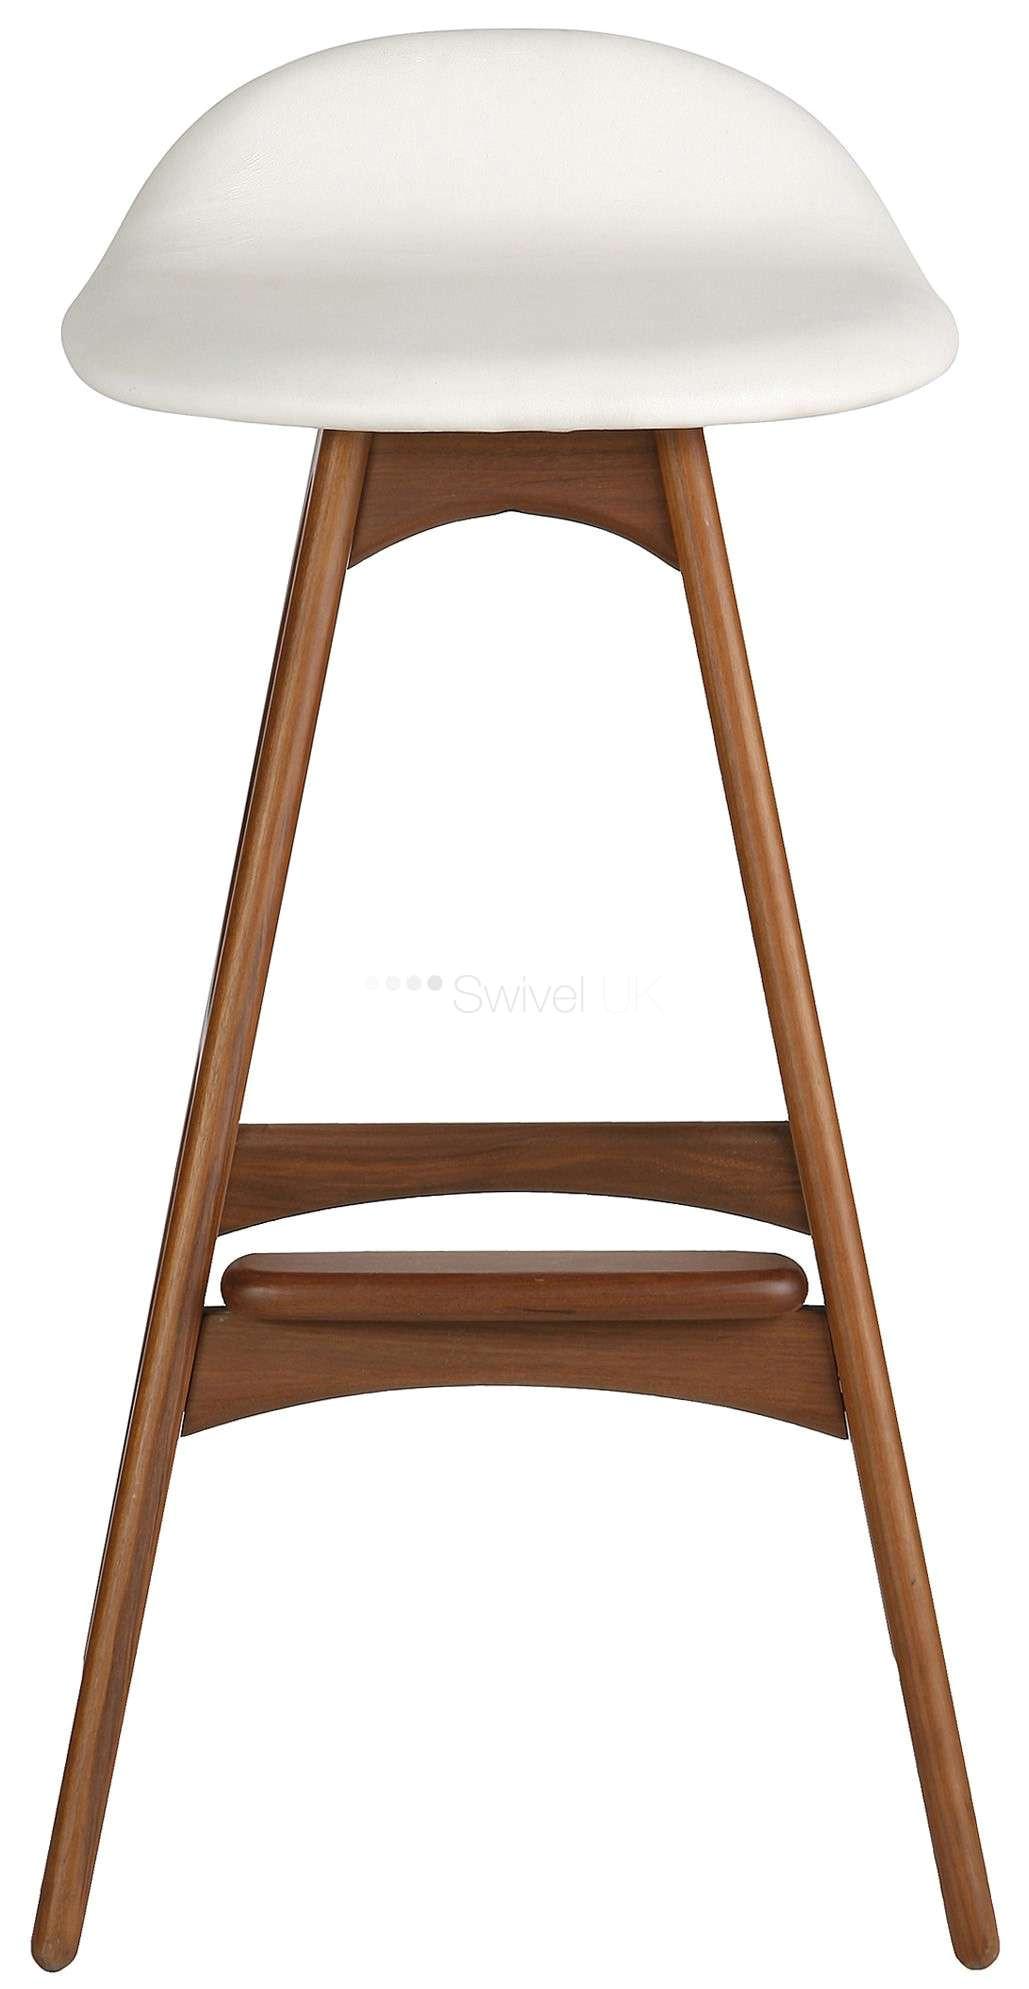 replacement seats for bar stools collection od bar stool erik buck designer od bar stool